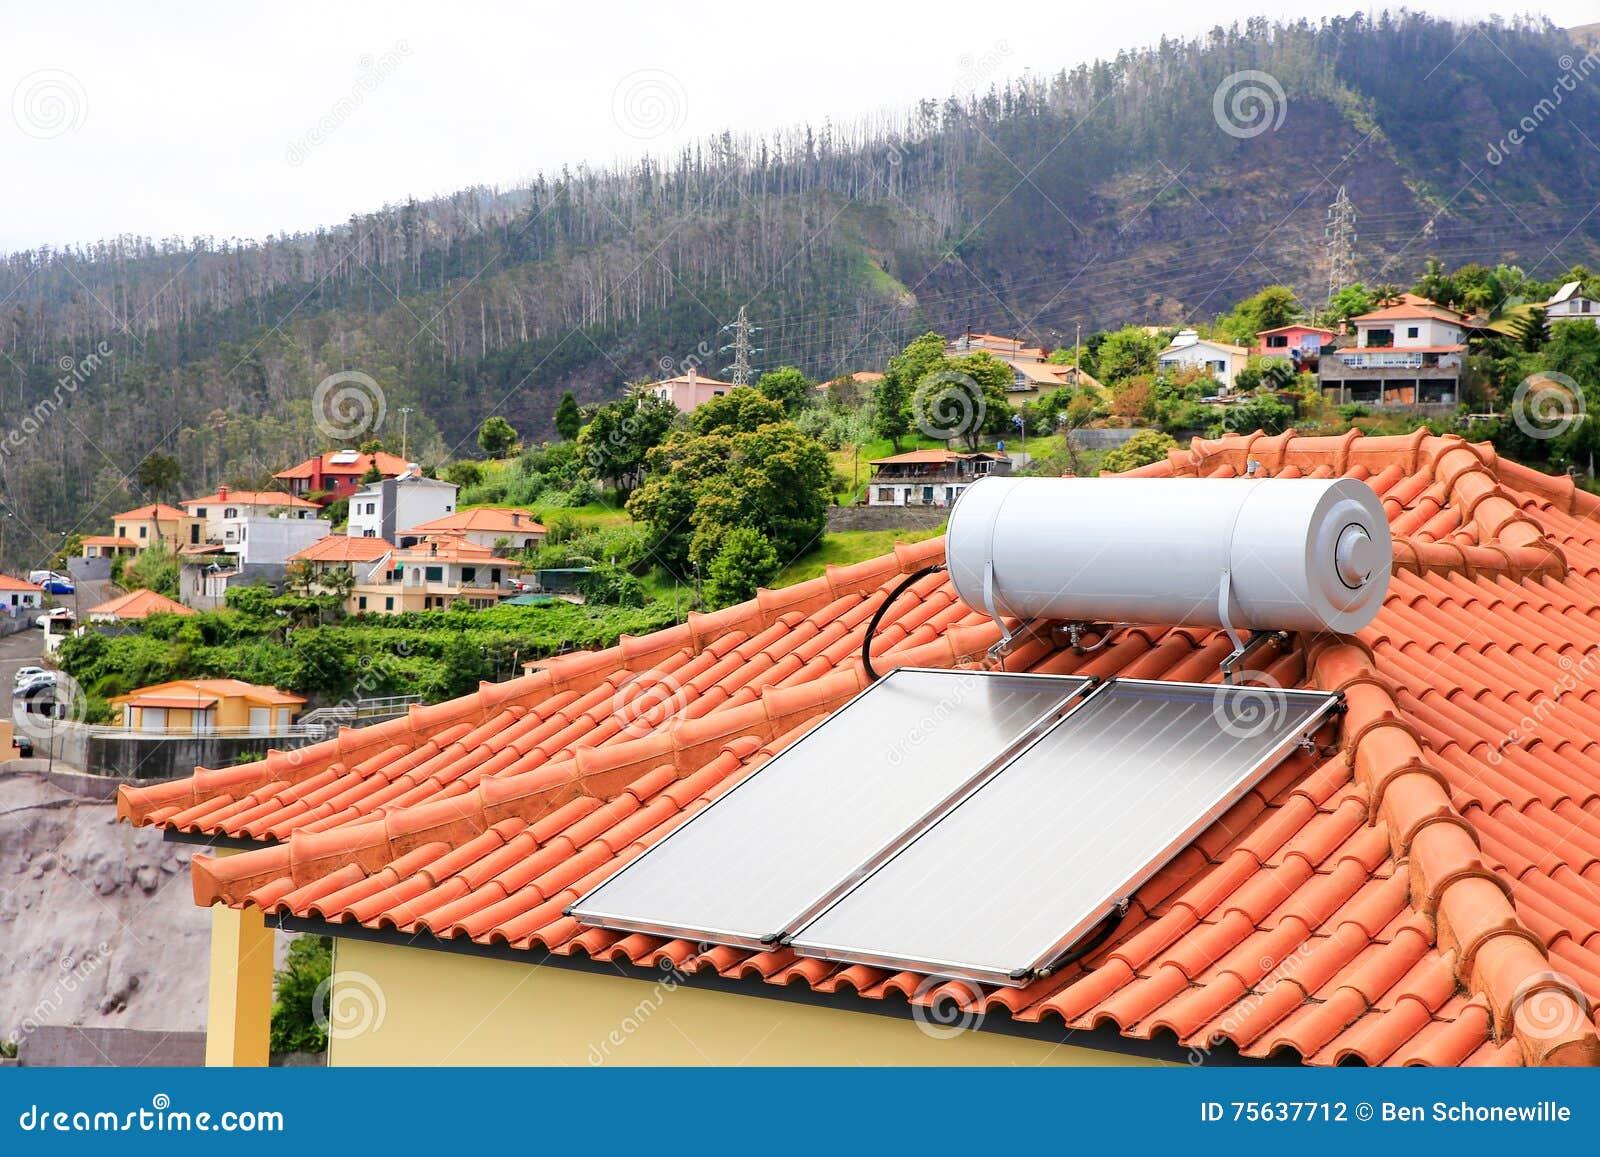 Chauffe eau avec les panneaux solaires sur le toit de la for Chauffe piscine solaire maison